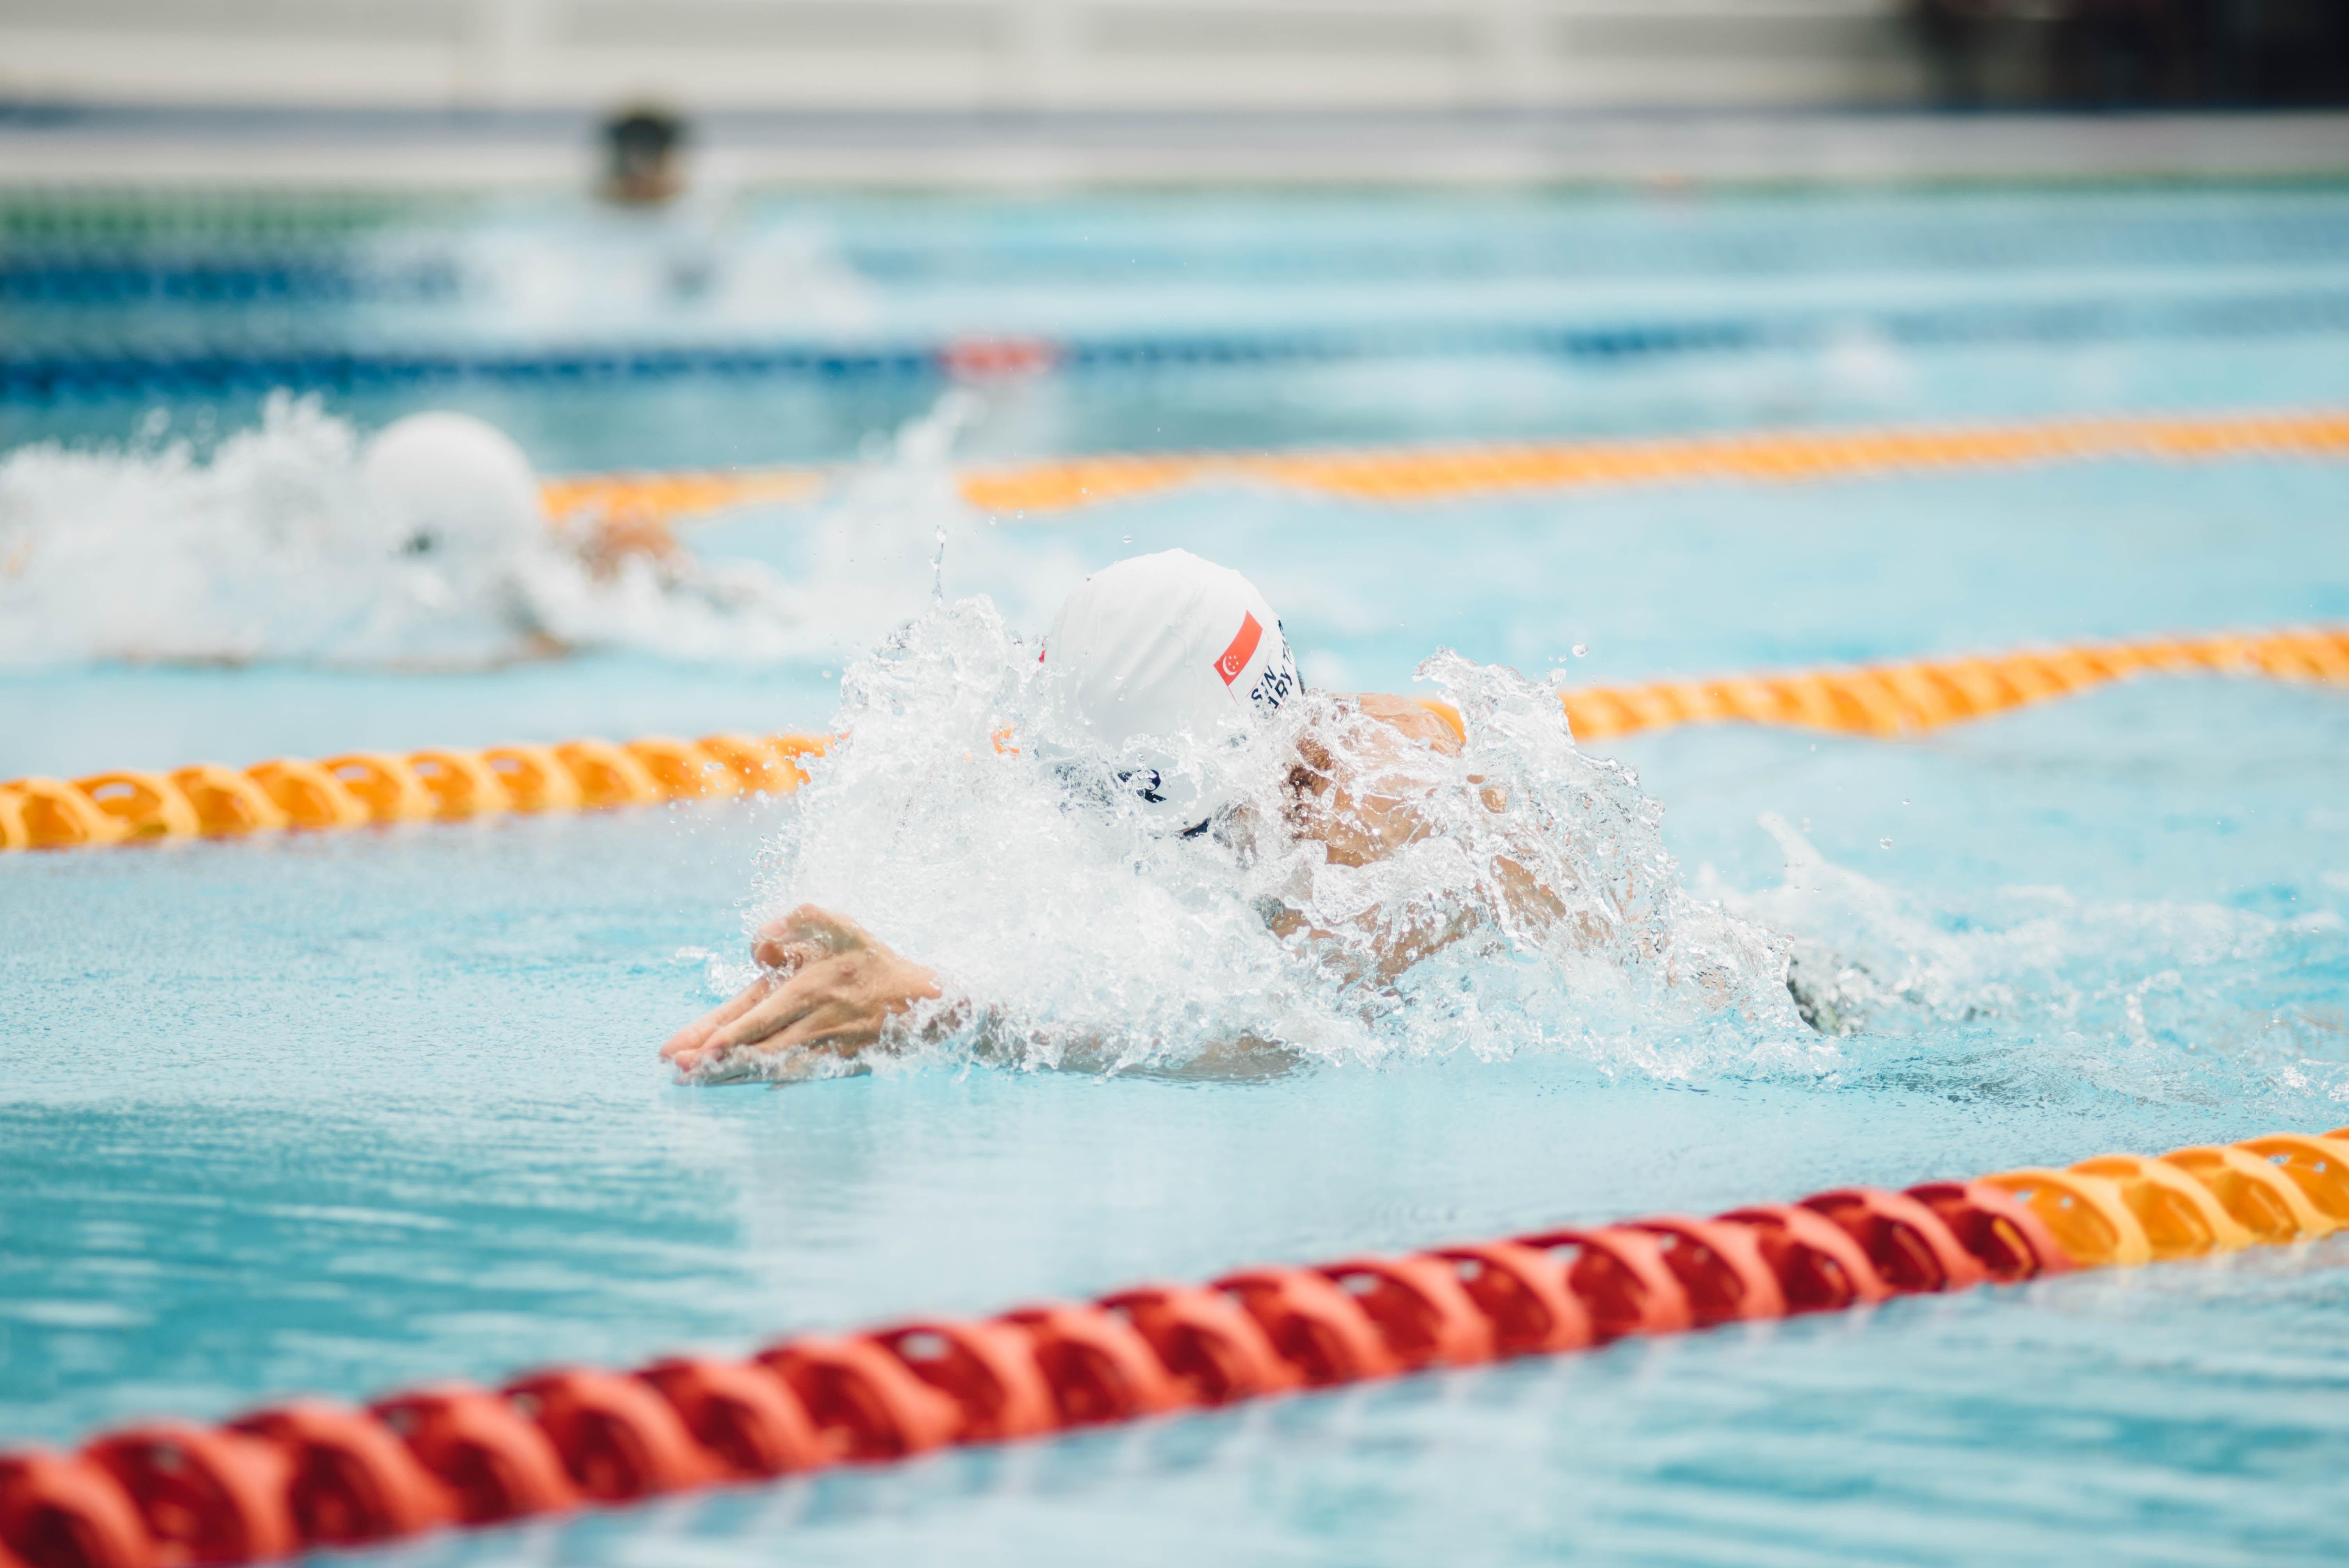 Wie man anfängt zu schwimmen, um Gewicht zu verlieren